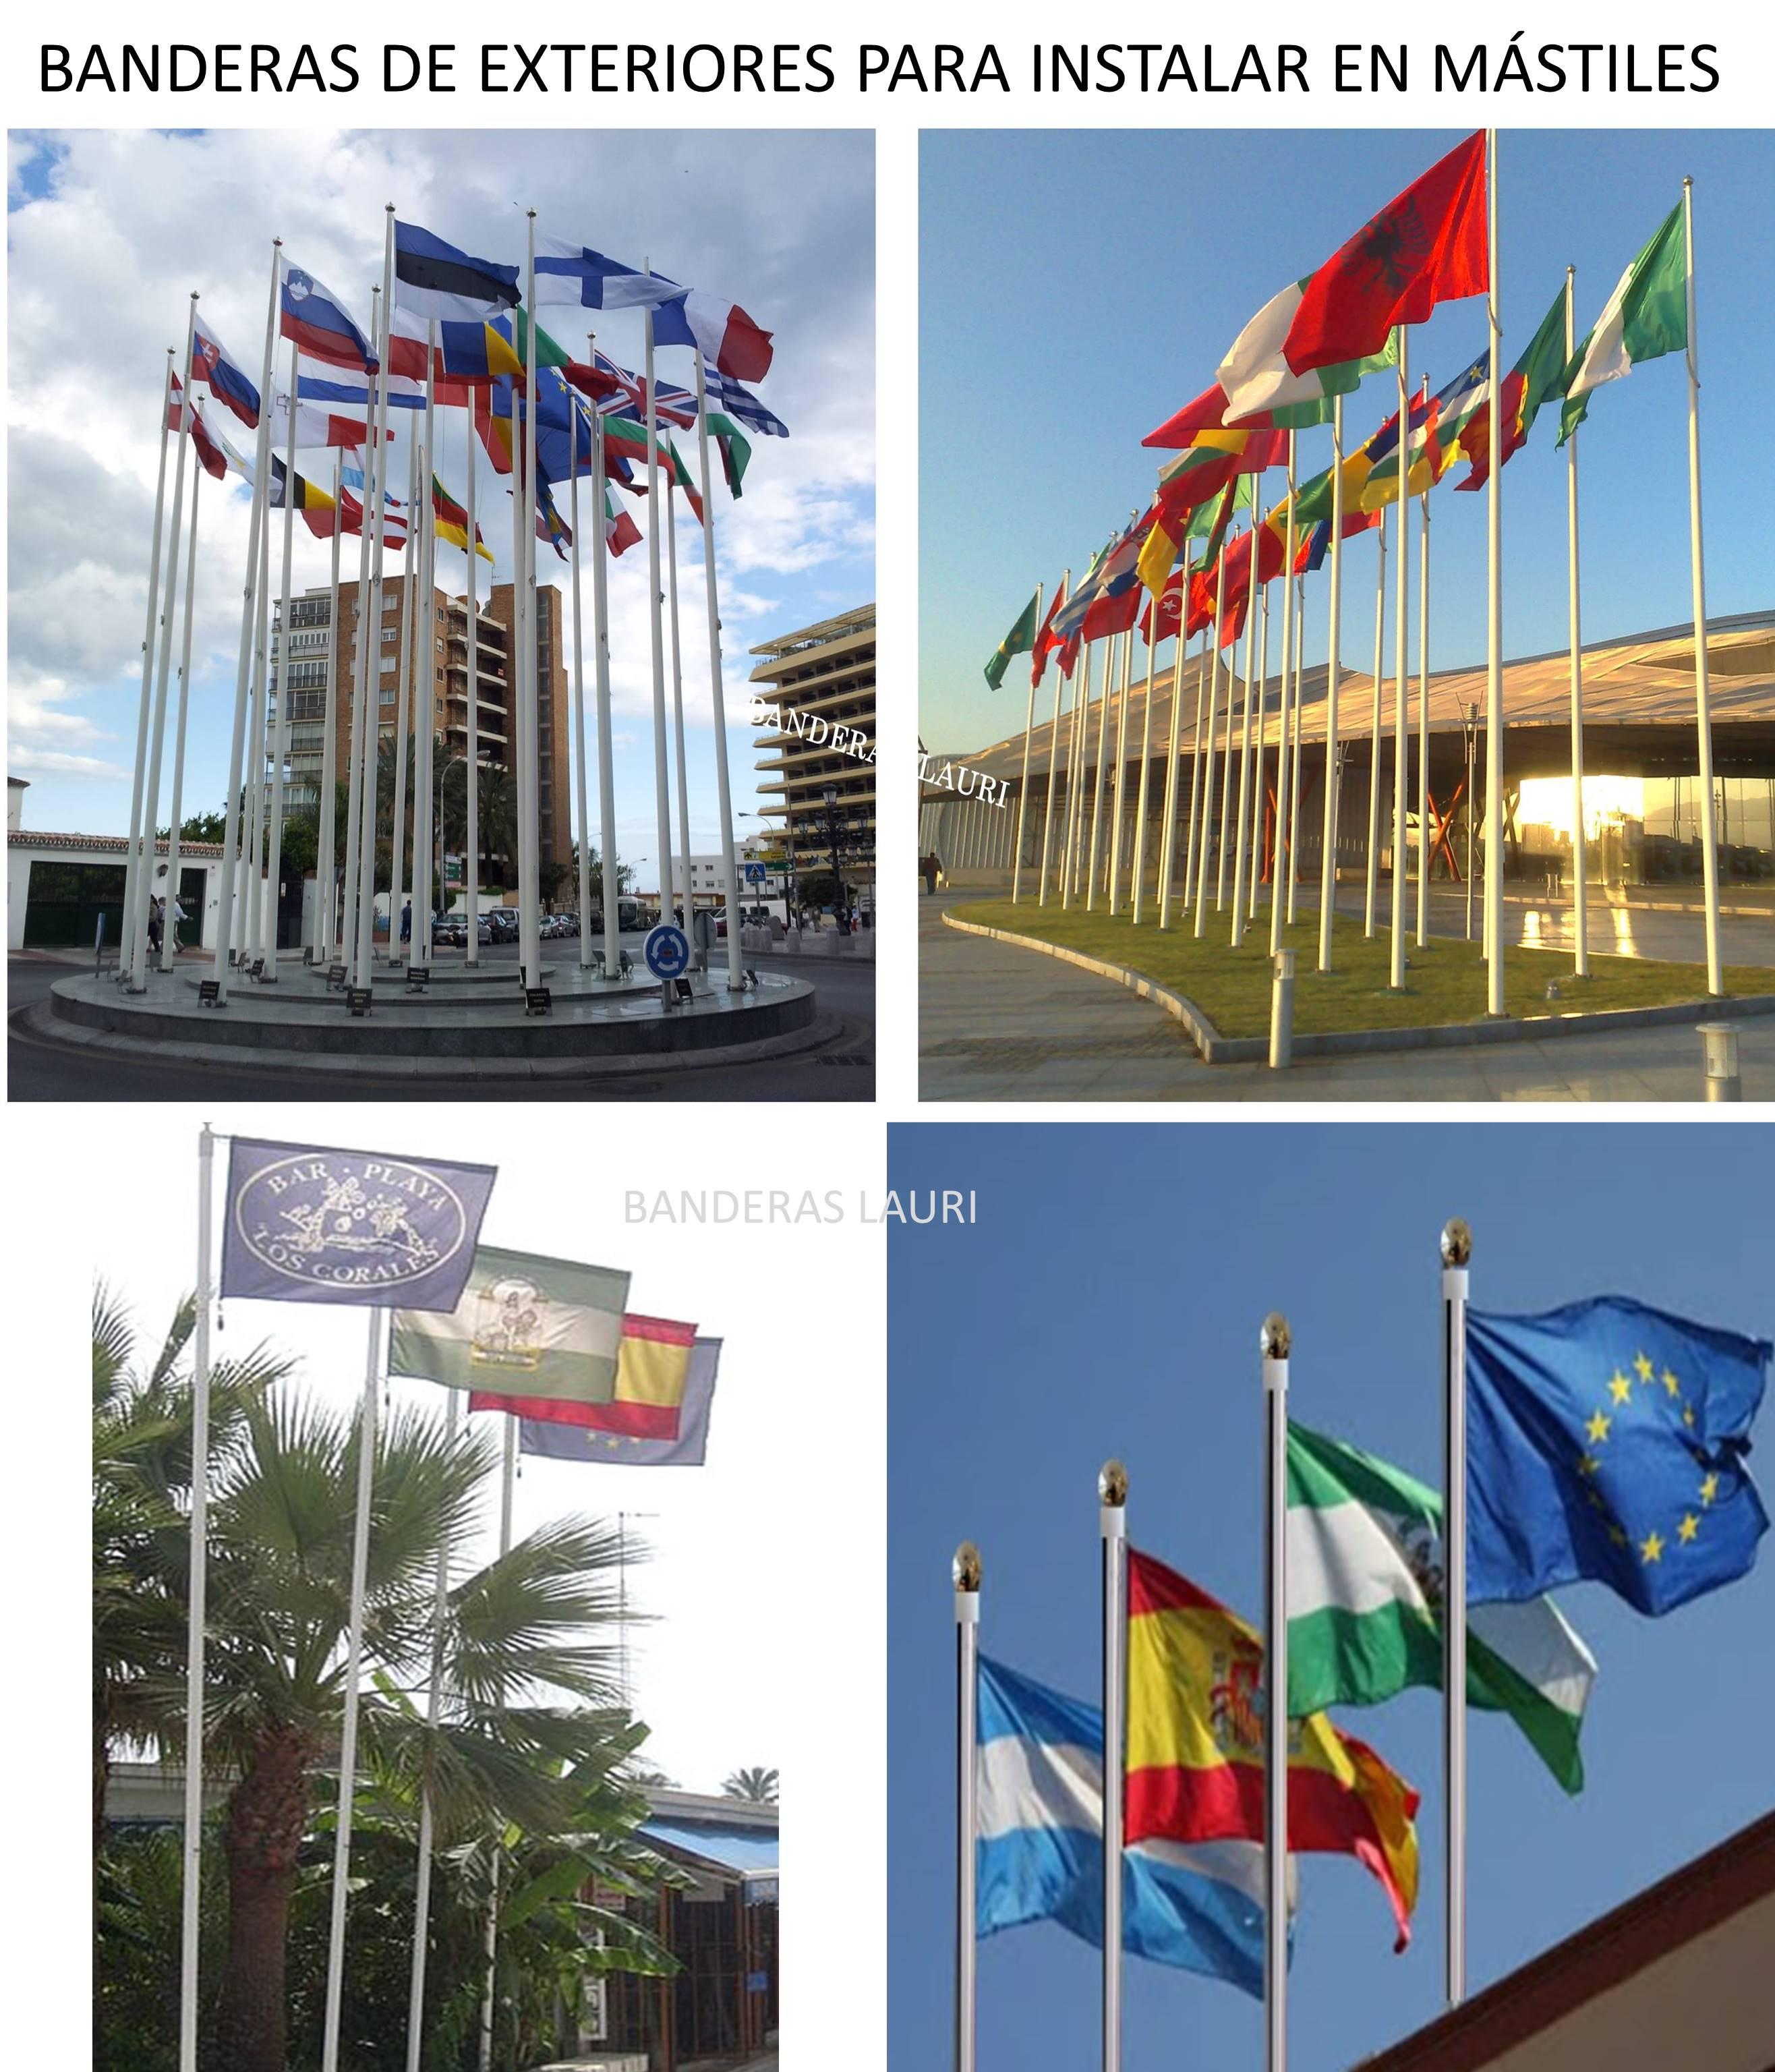 venta de banderas para instalar en mastiles de exteriores